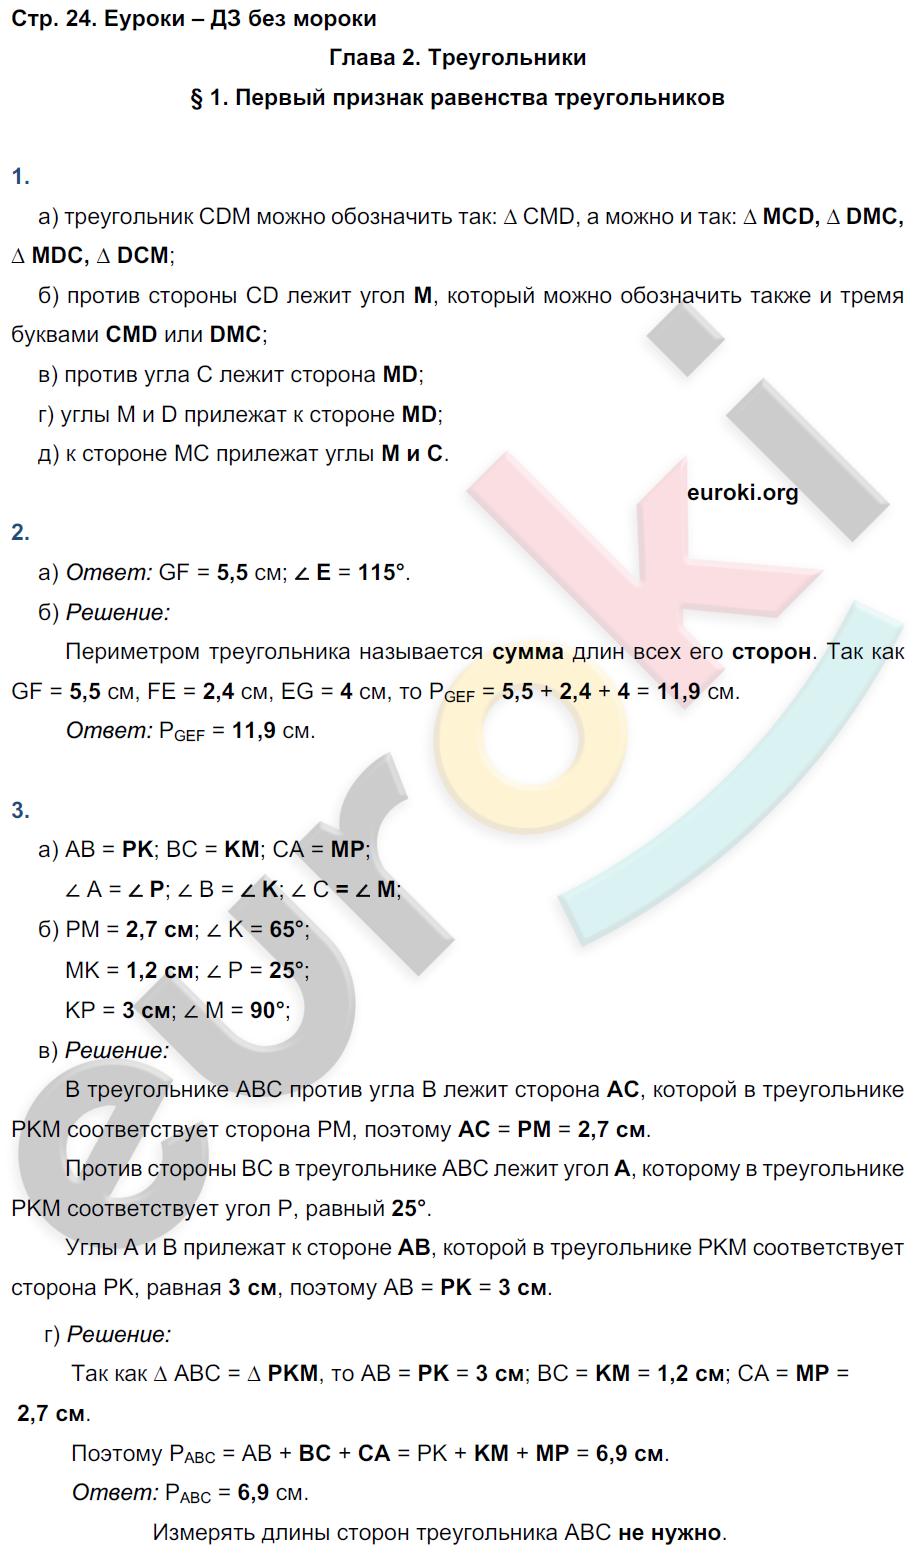 ГДЗ по геометрии 7 класс рабочая тетрадь Глазков, Камаев. К учебнику Атанасяна. Задание: стр. 24